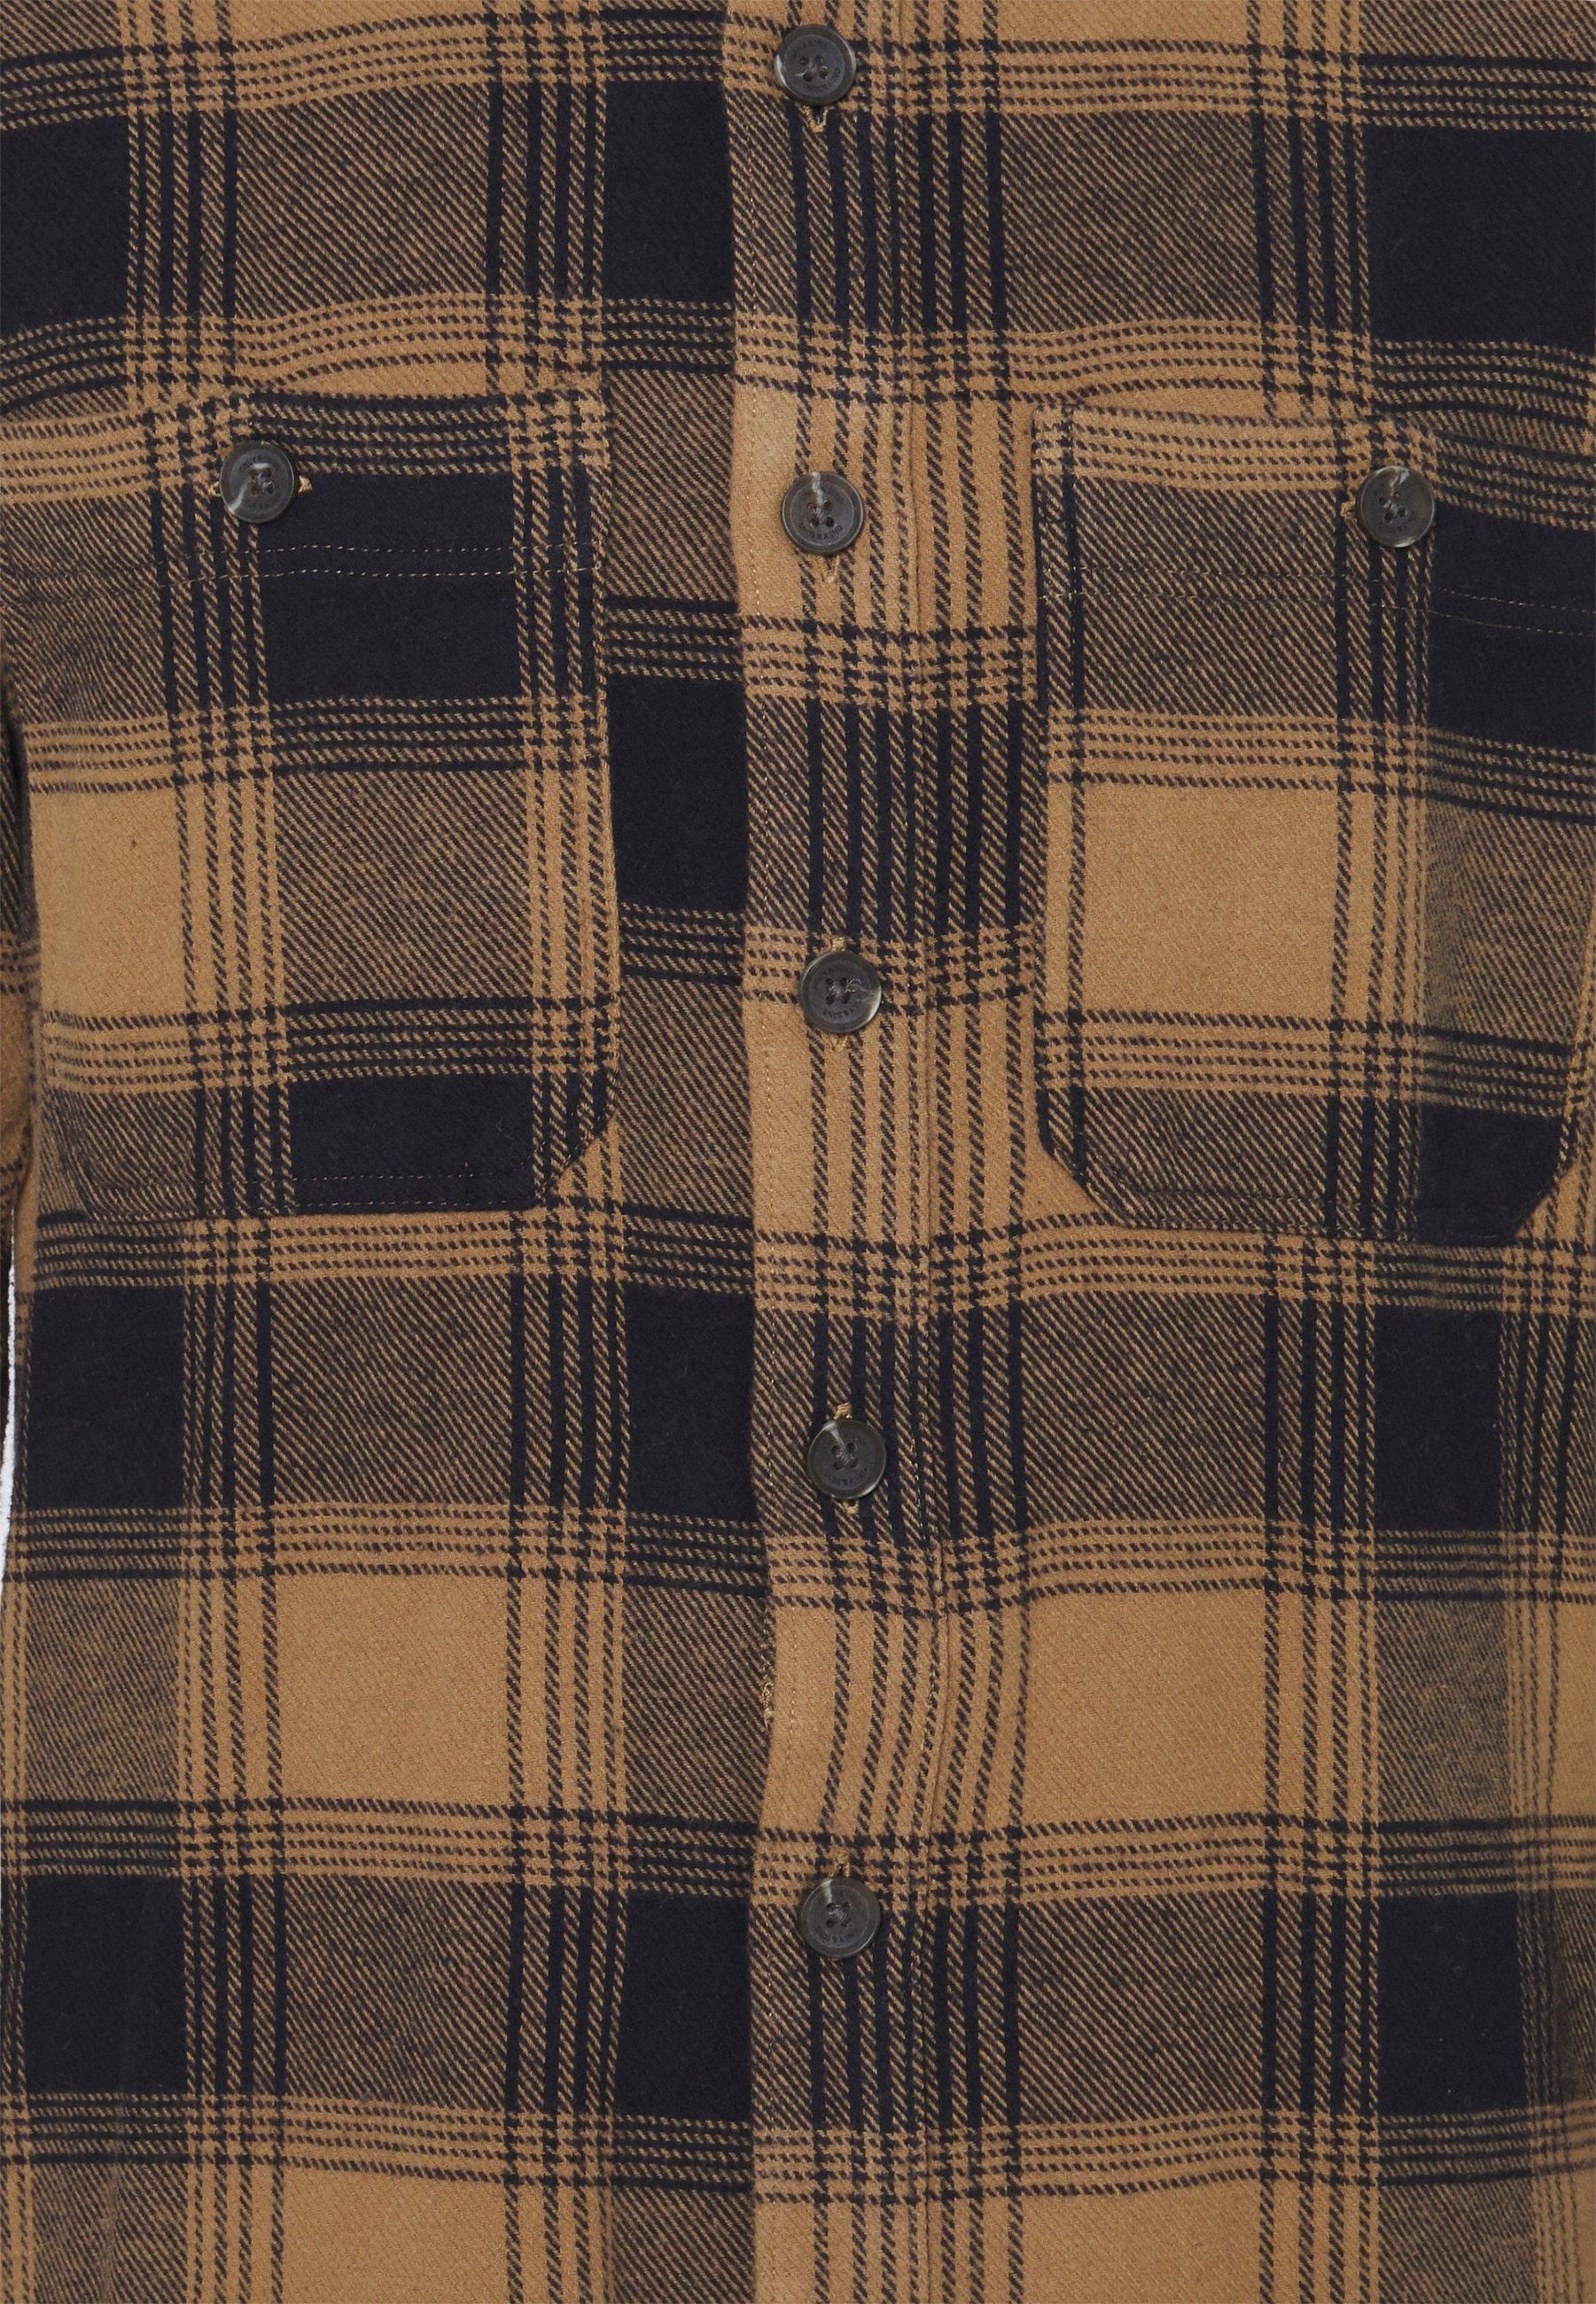 Herren ONSNADAL LIFE CHECK - Hemd